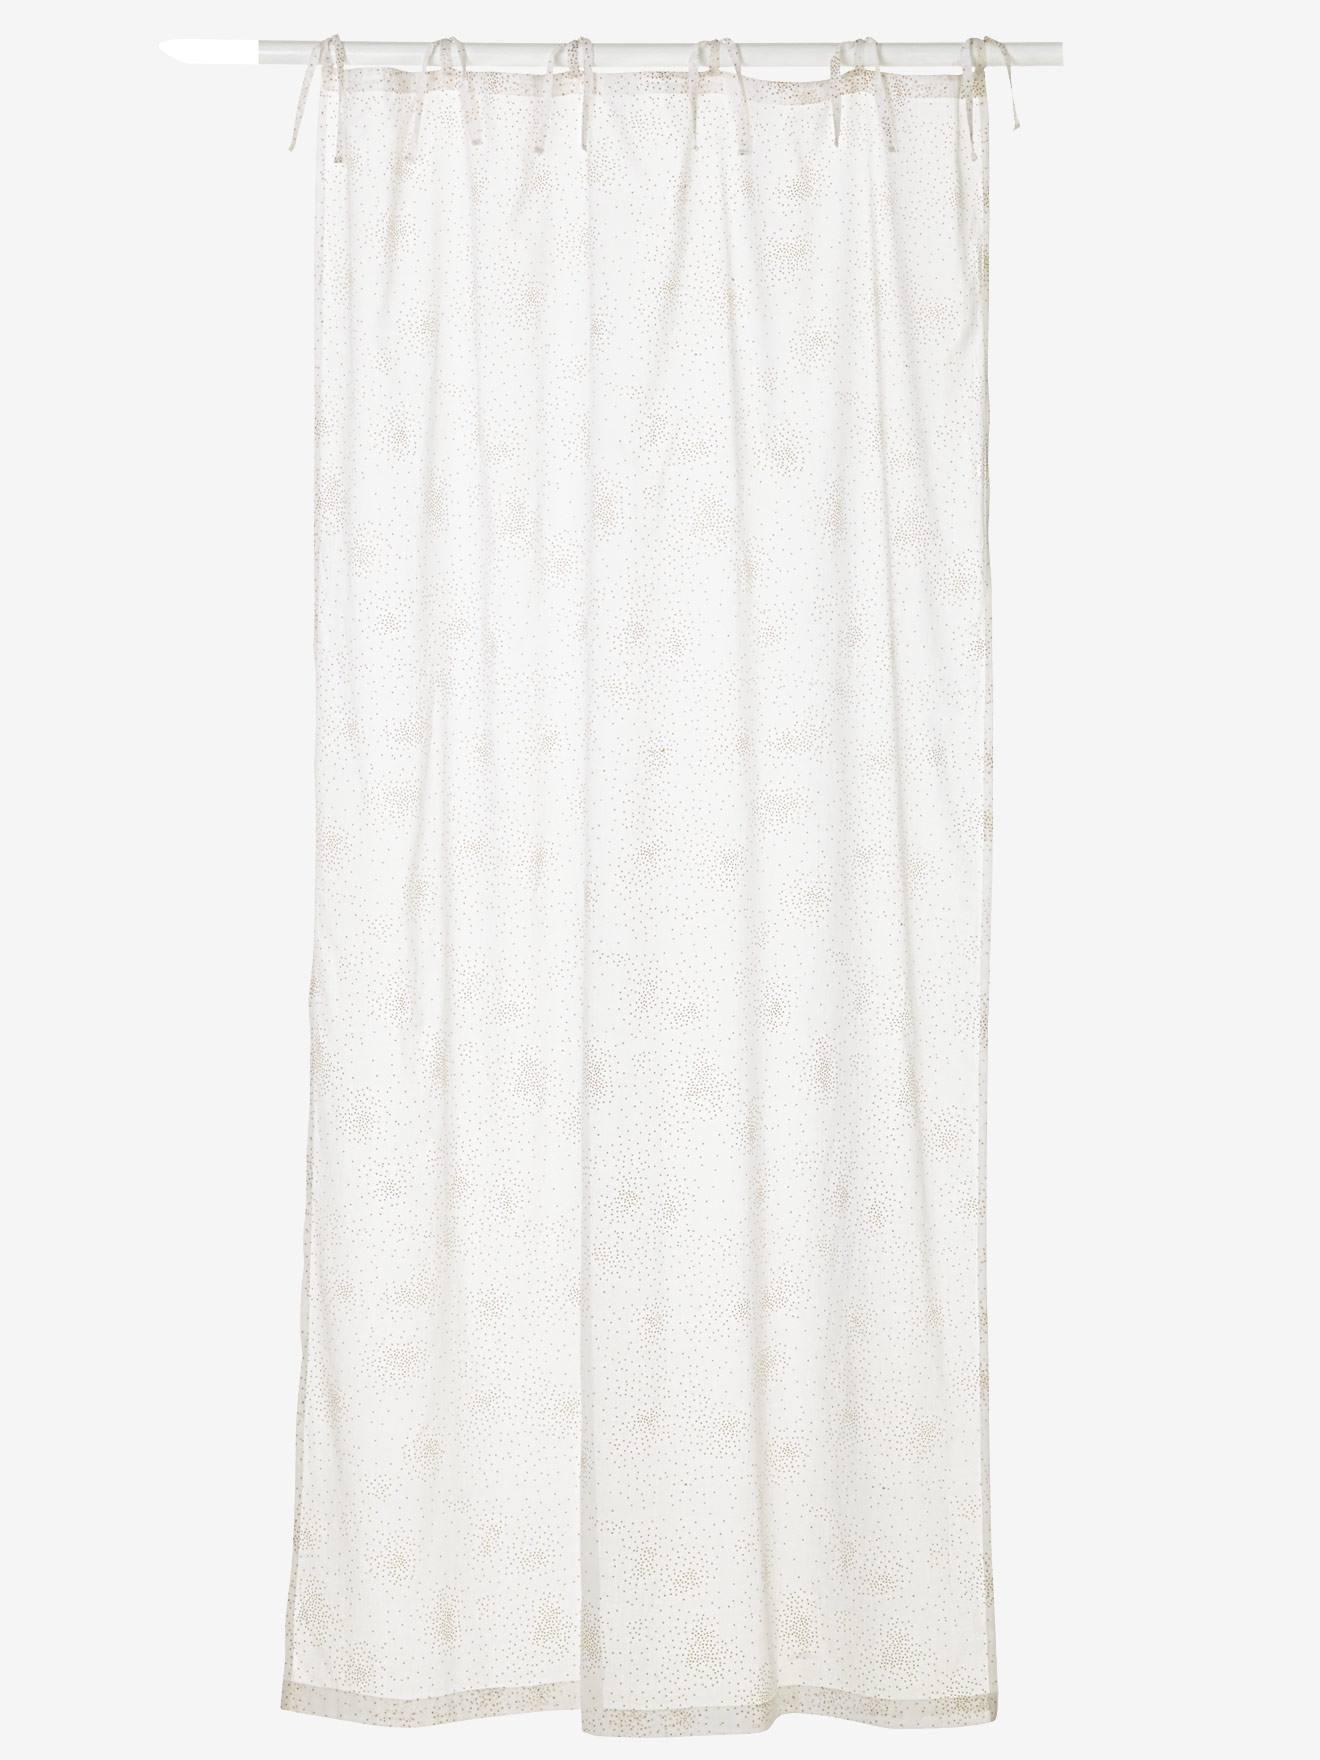 Rideau Voilage Pailleté Féérie Blanc Paillettes Linge De Maison Et Décoration